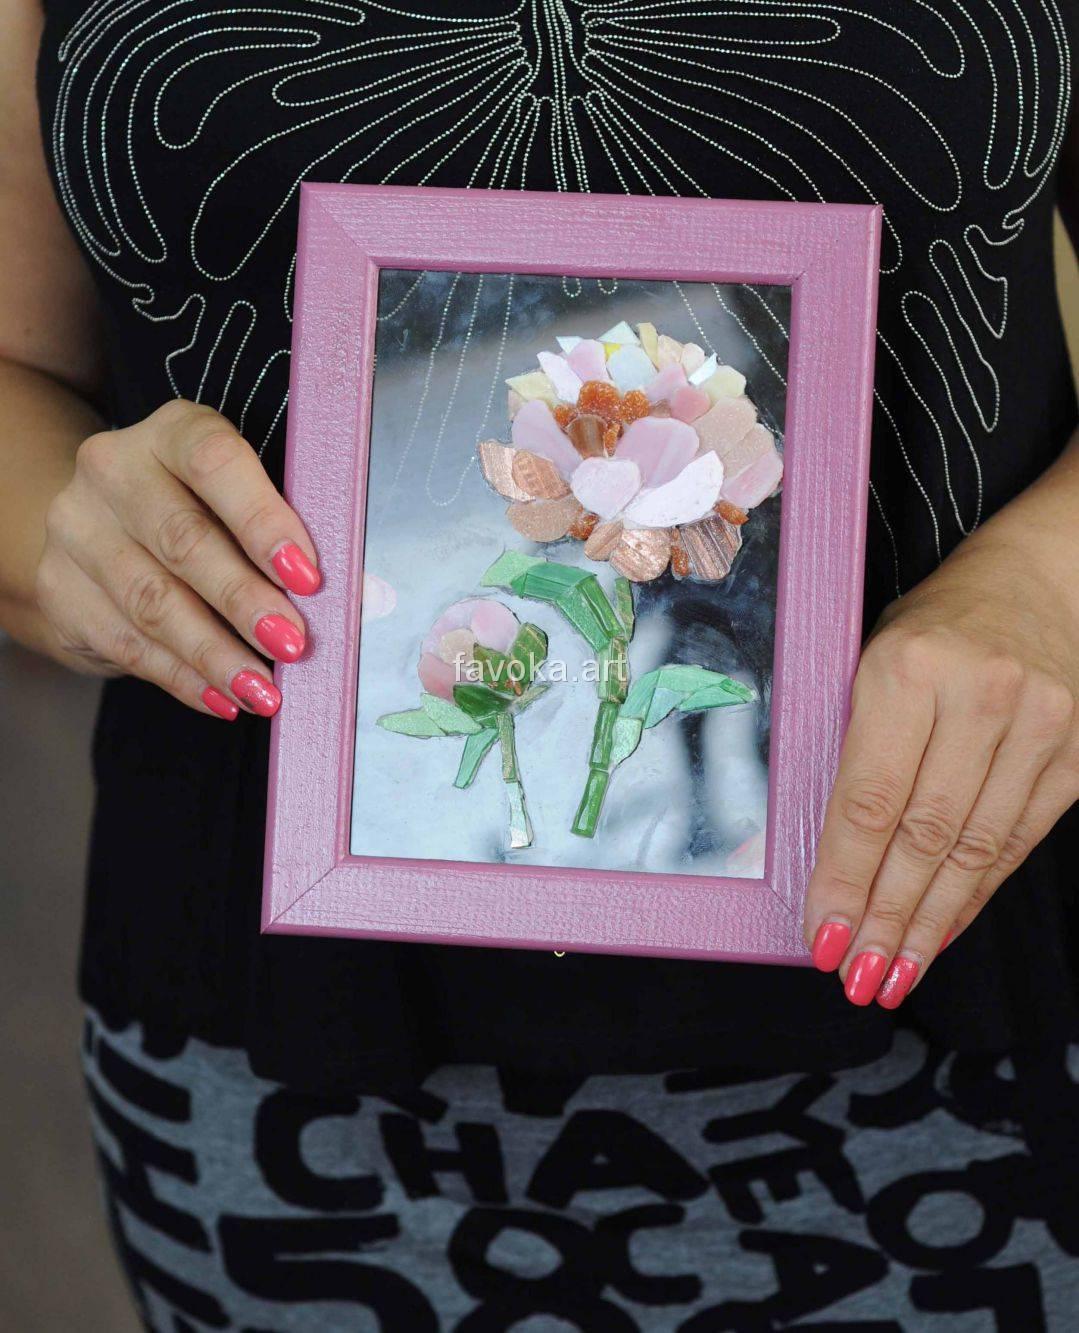 """Наша ученица с очаровательной Картиной, на которой изображён красивейший эскиз - нежный розовый цветок, сделанной из мозаики, после нашего мастер-класса """"Цветы на стекле""""."""